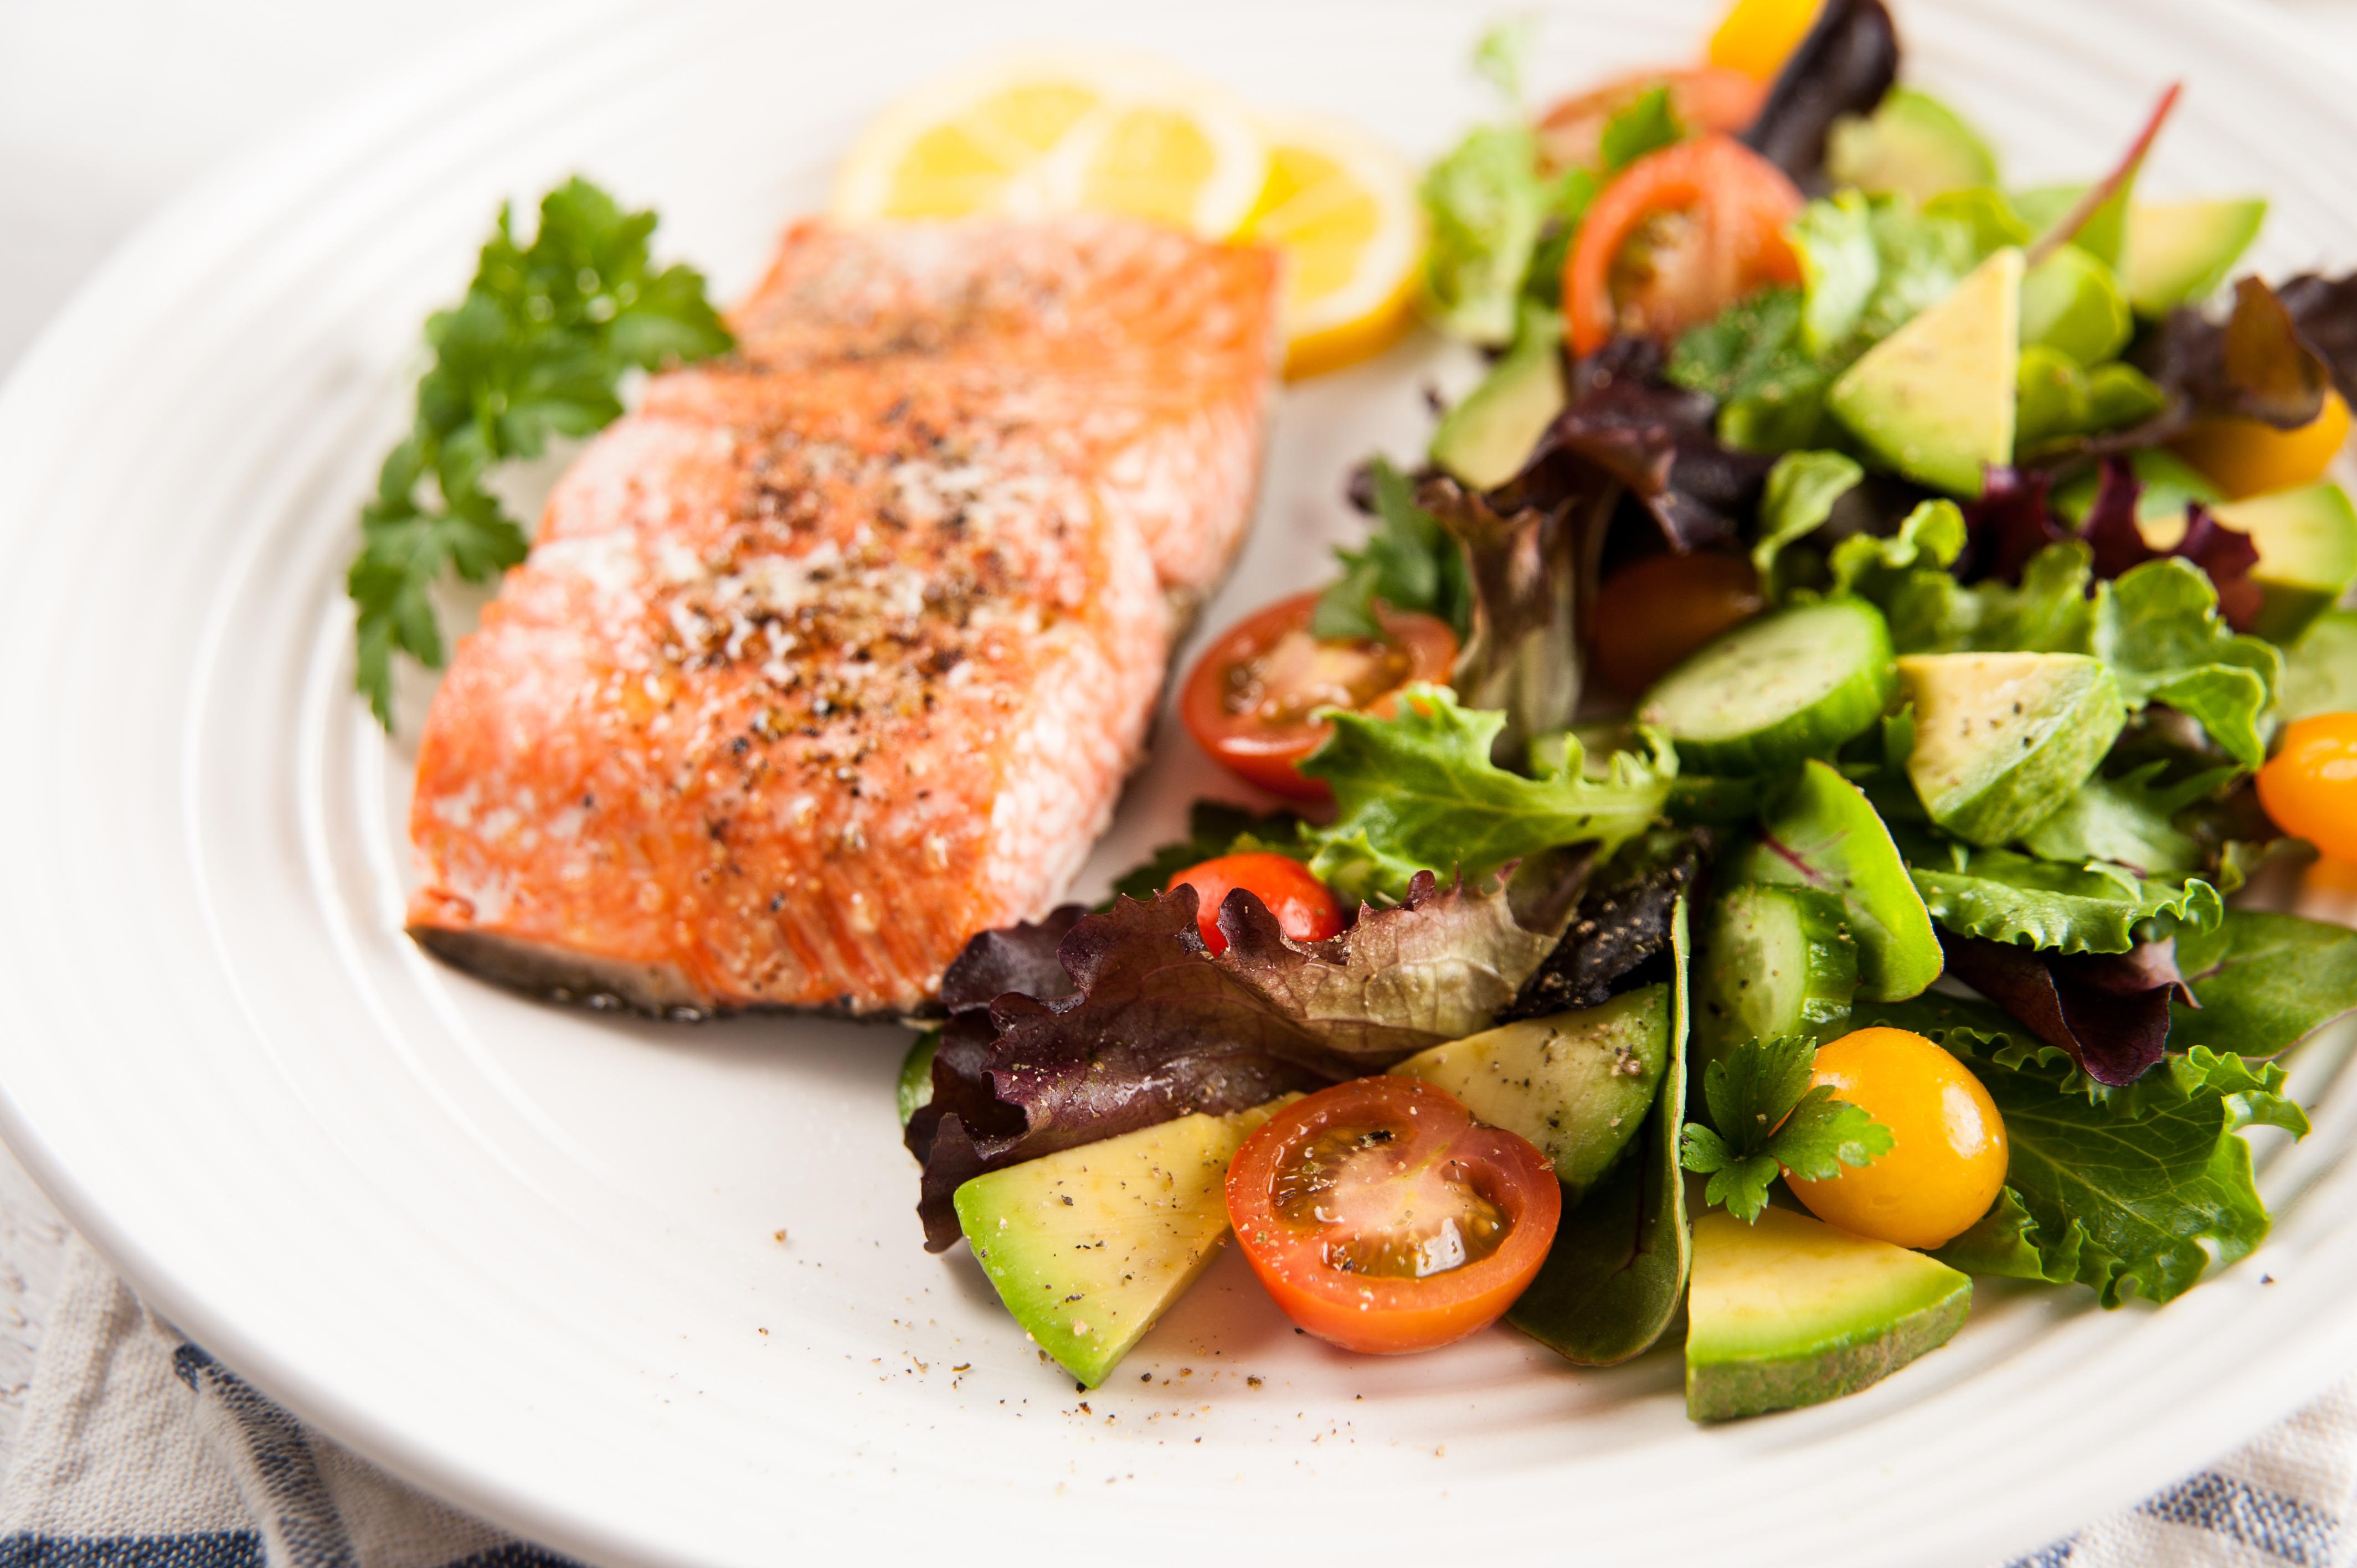 Ăn uống tiết chế sẽ giúp cải thiện sức khỏe cho người lớn tuổi.